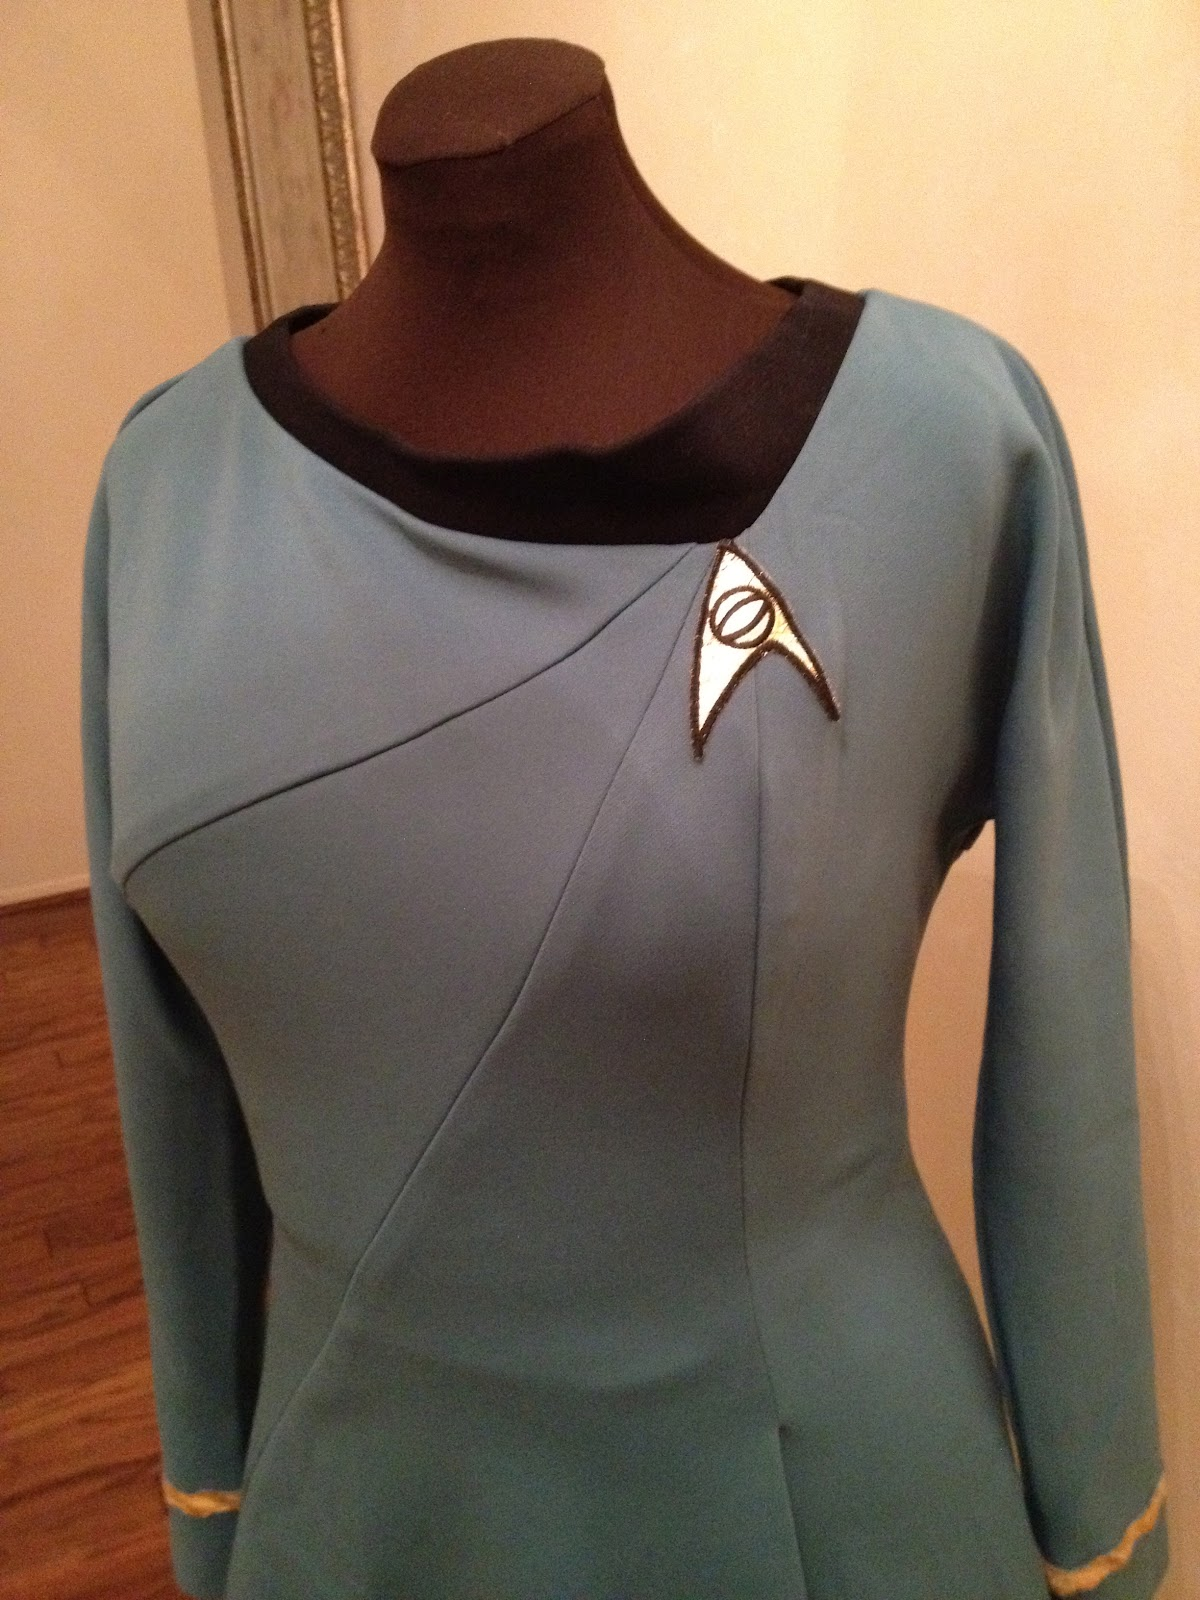 Maggie\'s Costume Wardrobe: Star Trek uniform